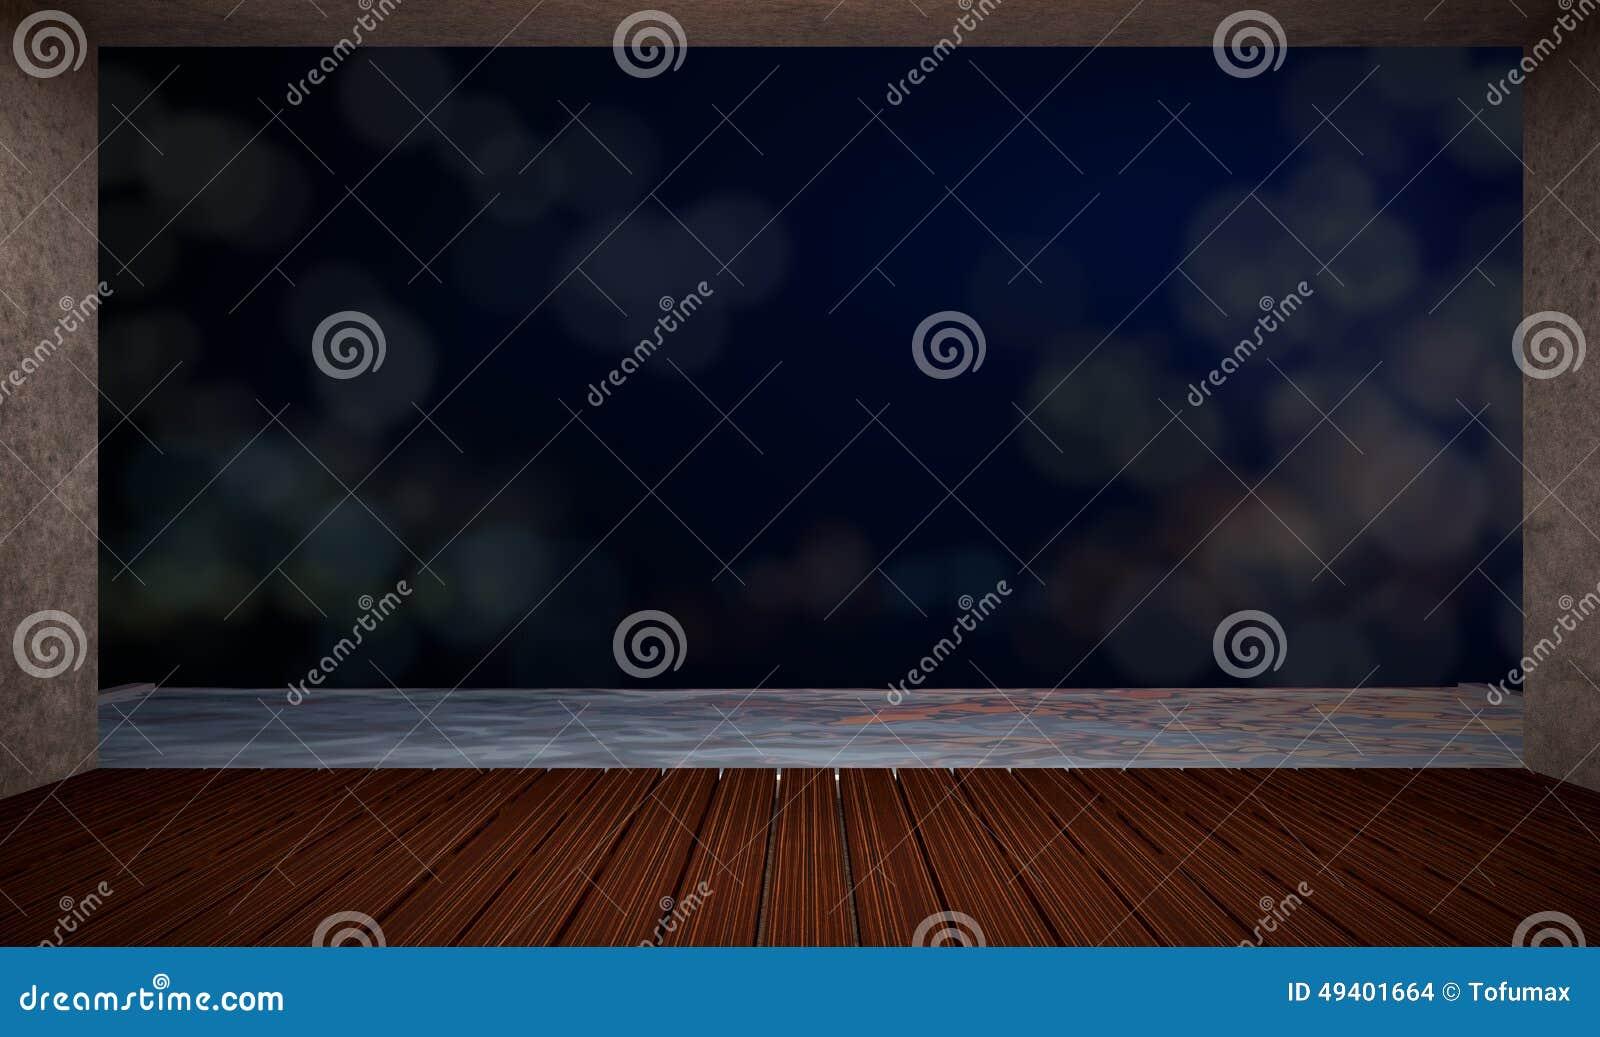 Download Leerer Raum stock abbildung. Illustration von decke, fußboden - 49401664